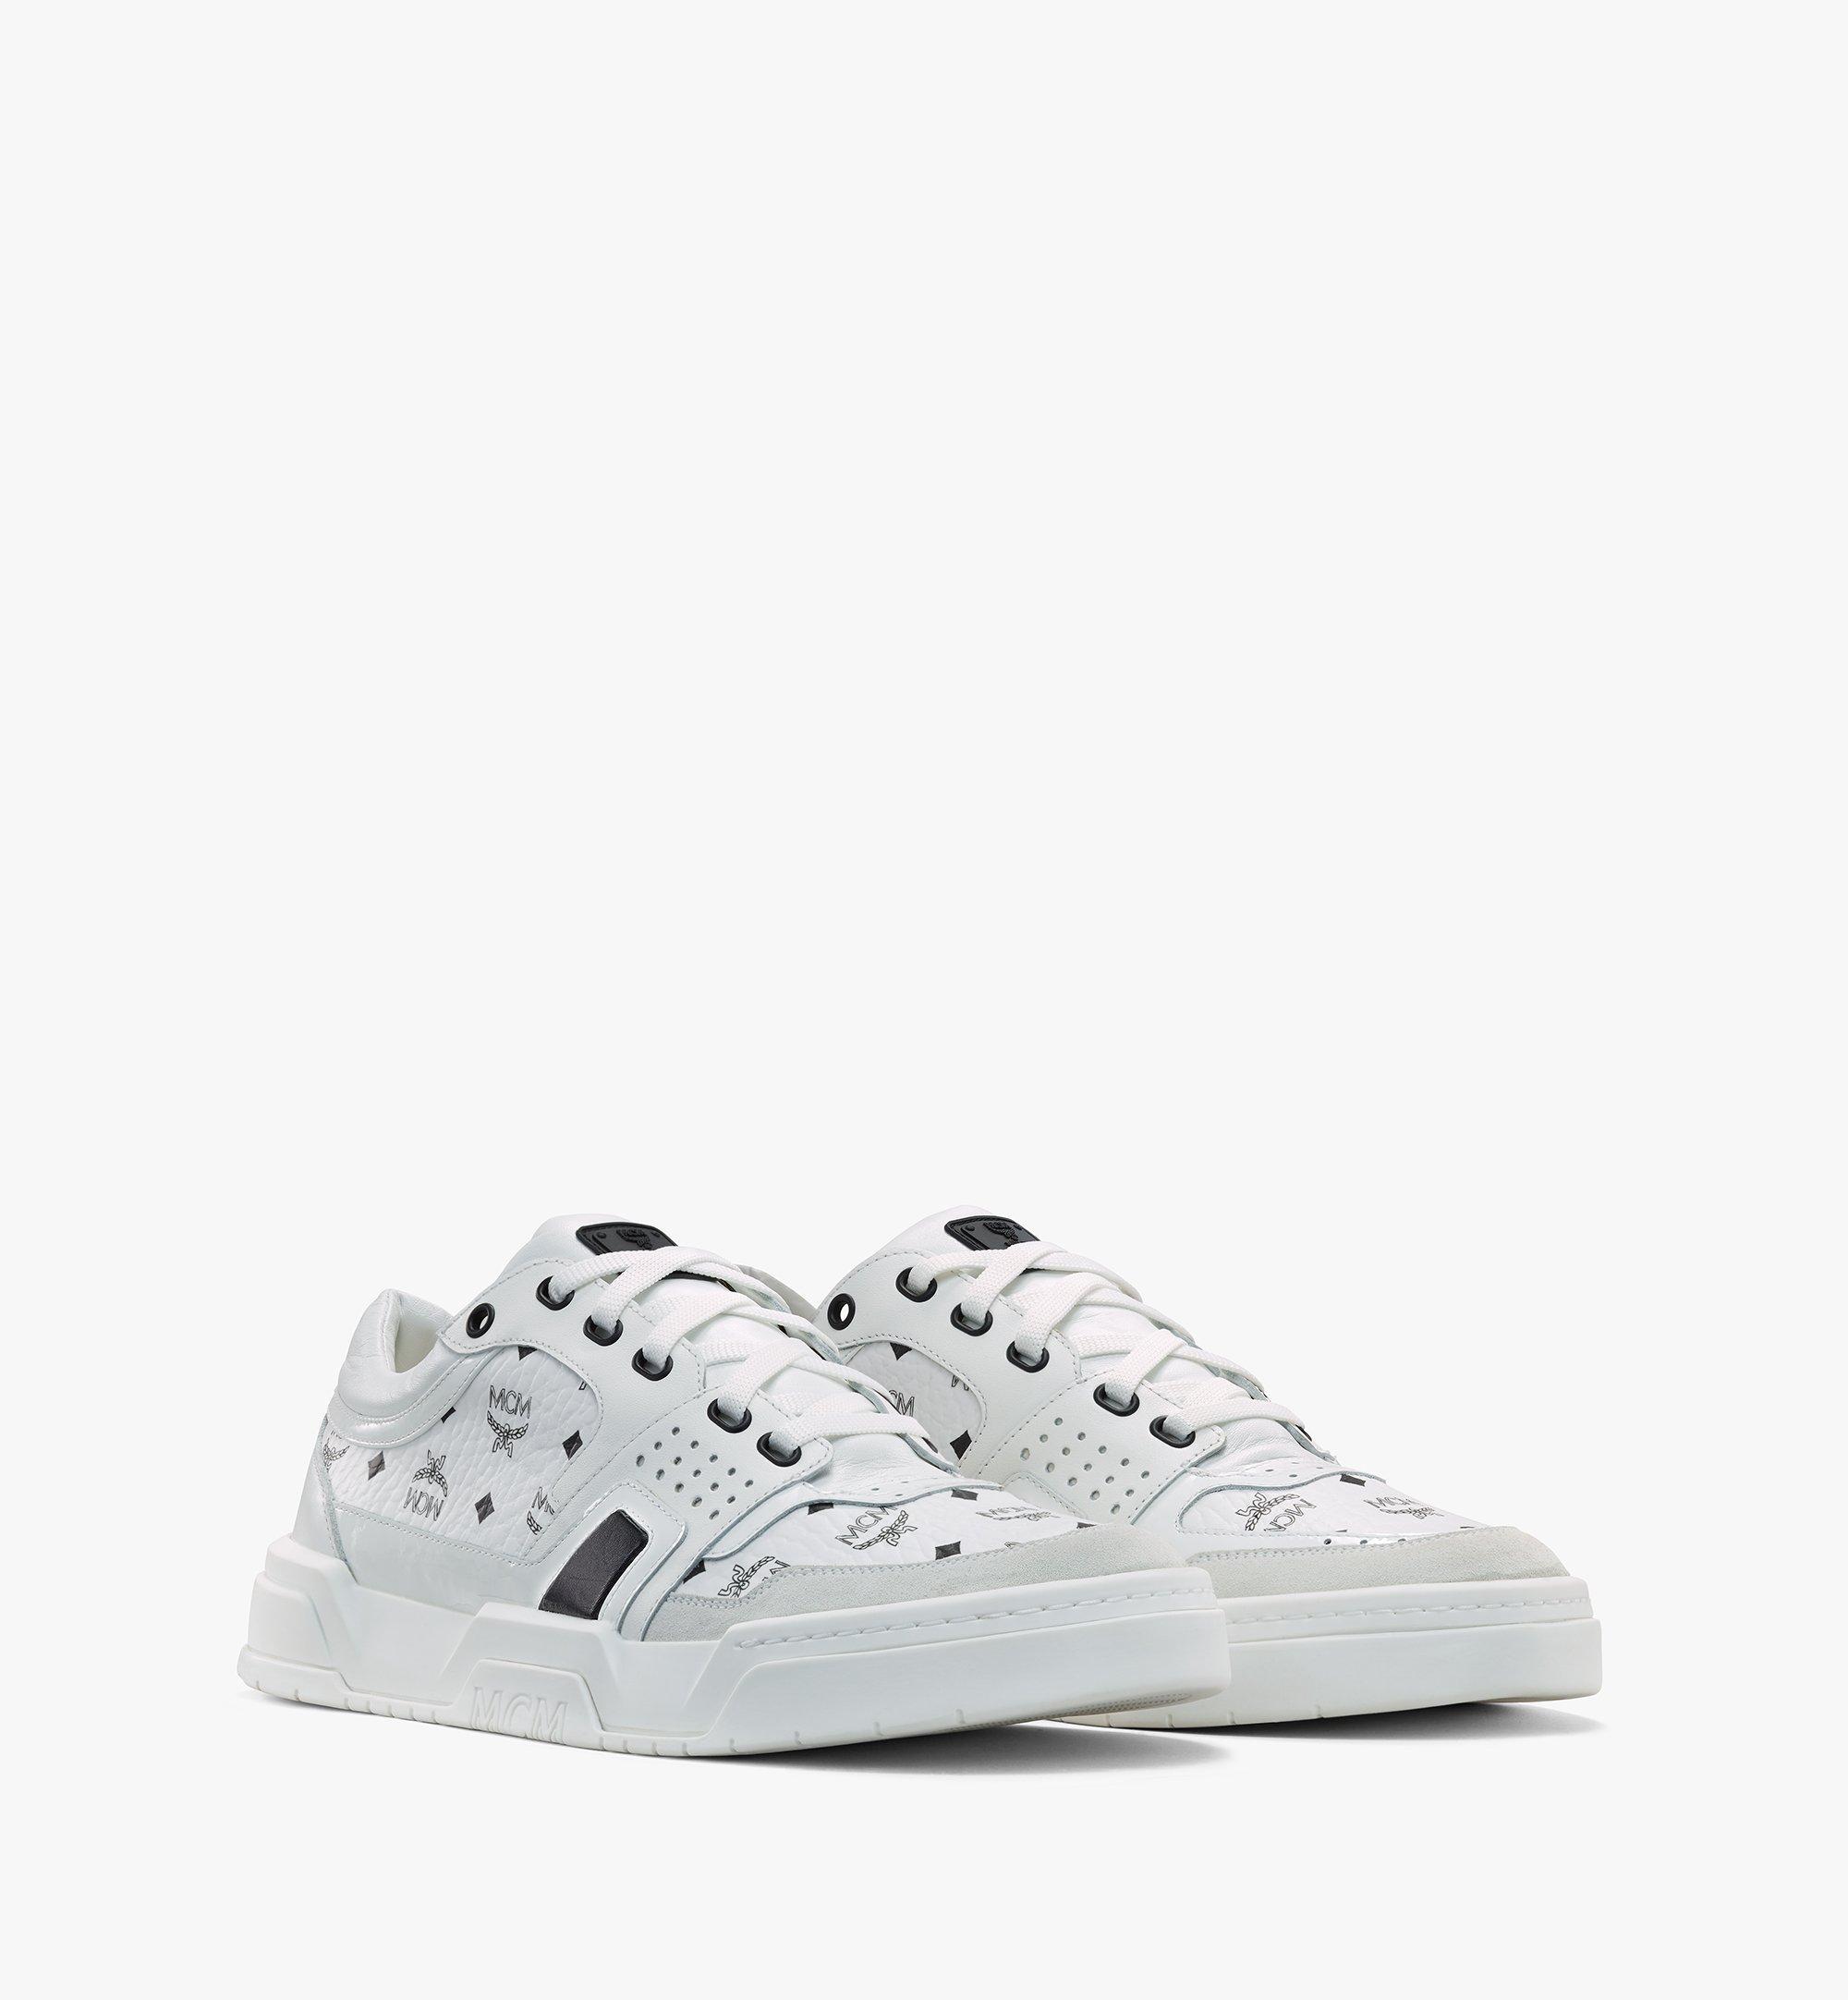 MCM Skyward Low-Top-Sneaker in Visetos für Damen White MESASMM44WT039 Alternate View 1